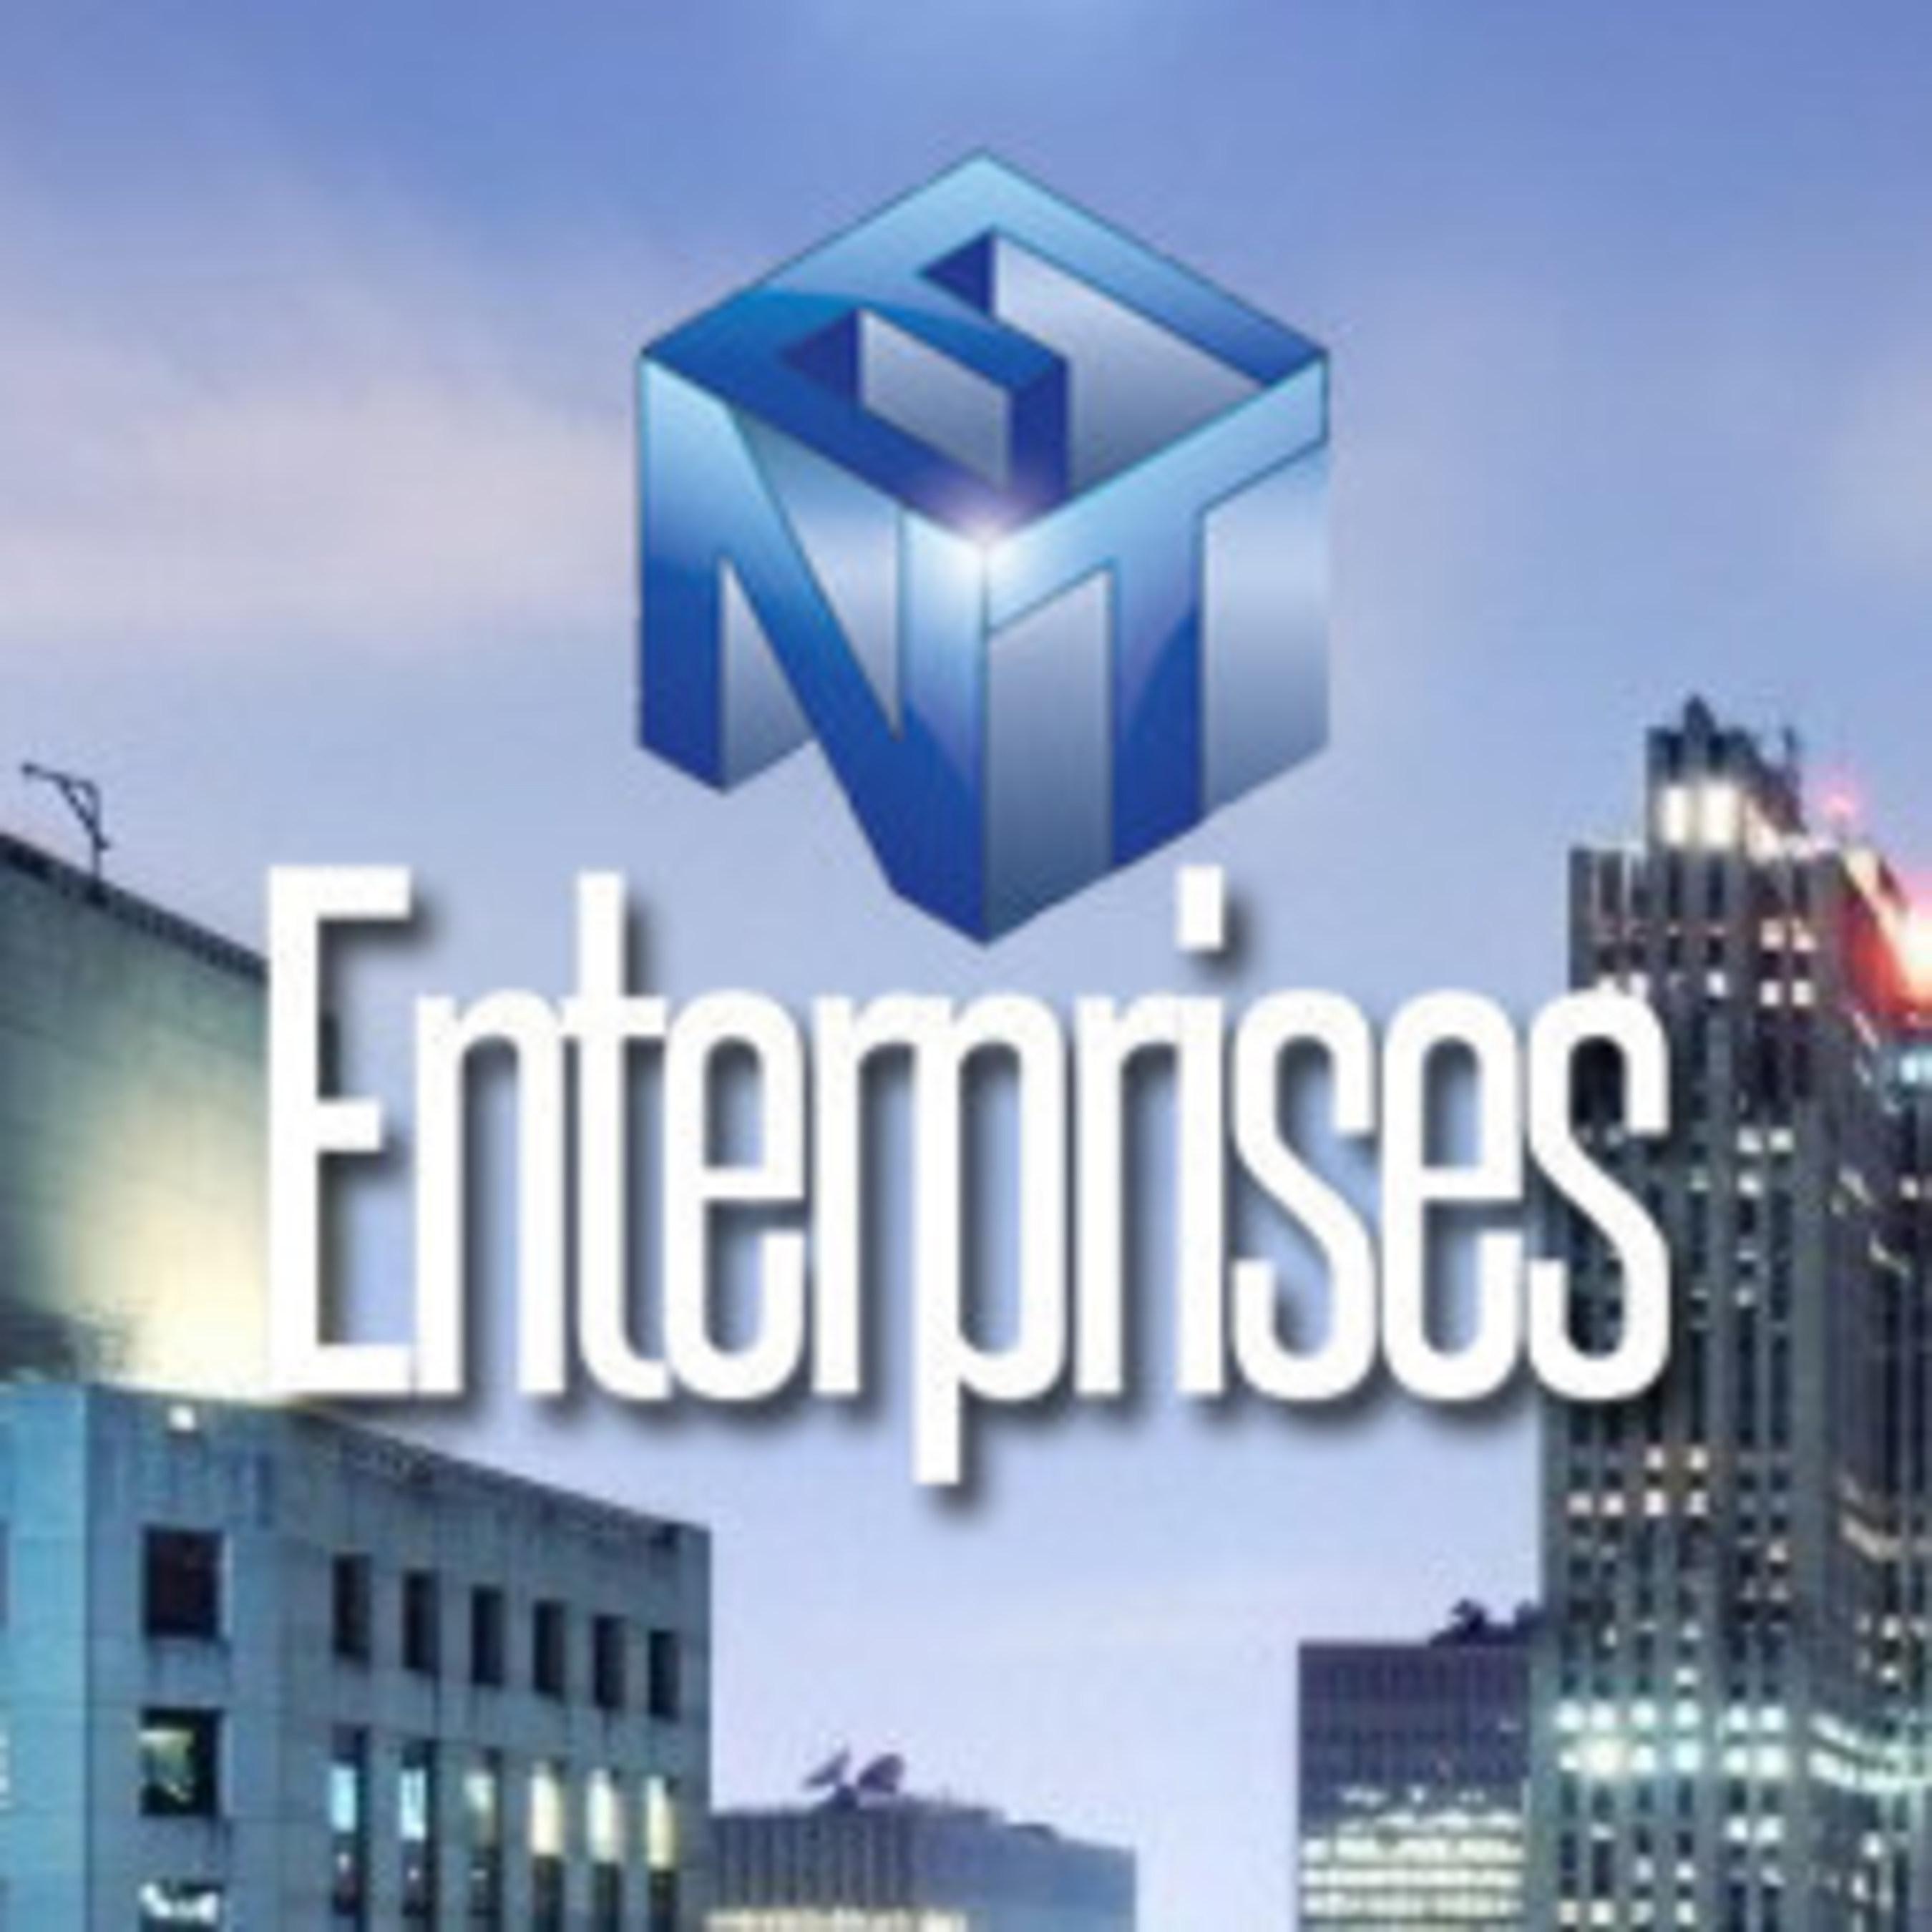 Enterprises TV Segment Covers Marketing Tips for Entrepreneurs